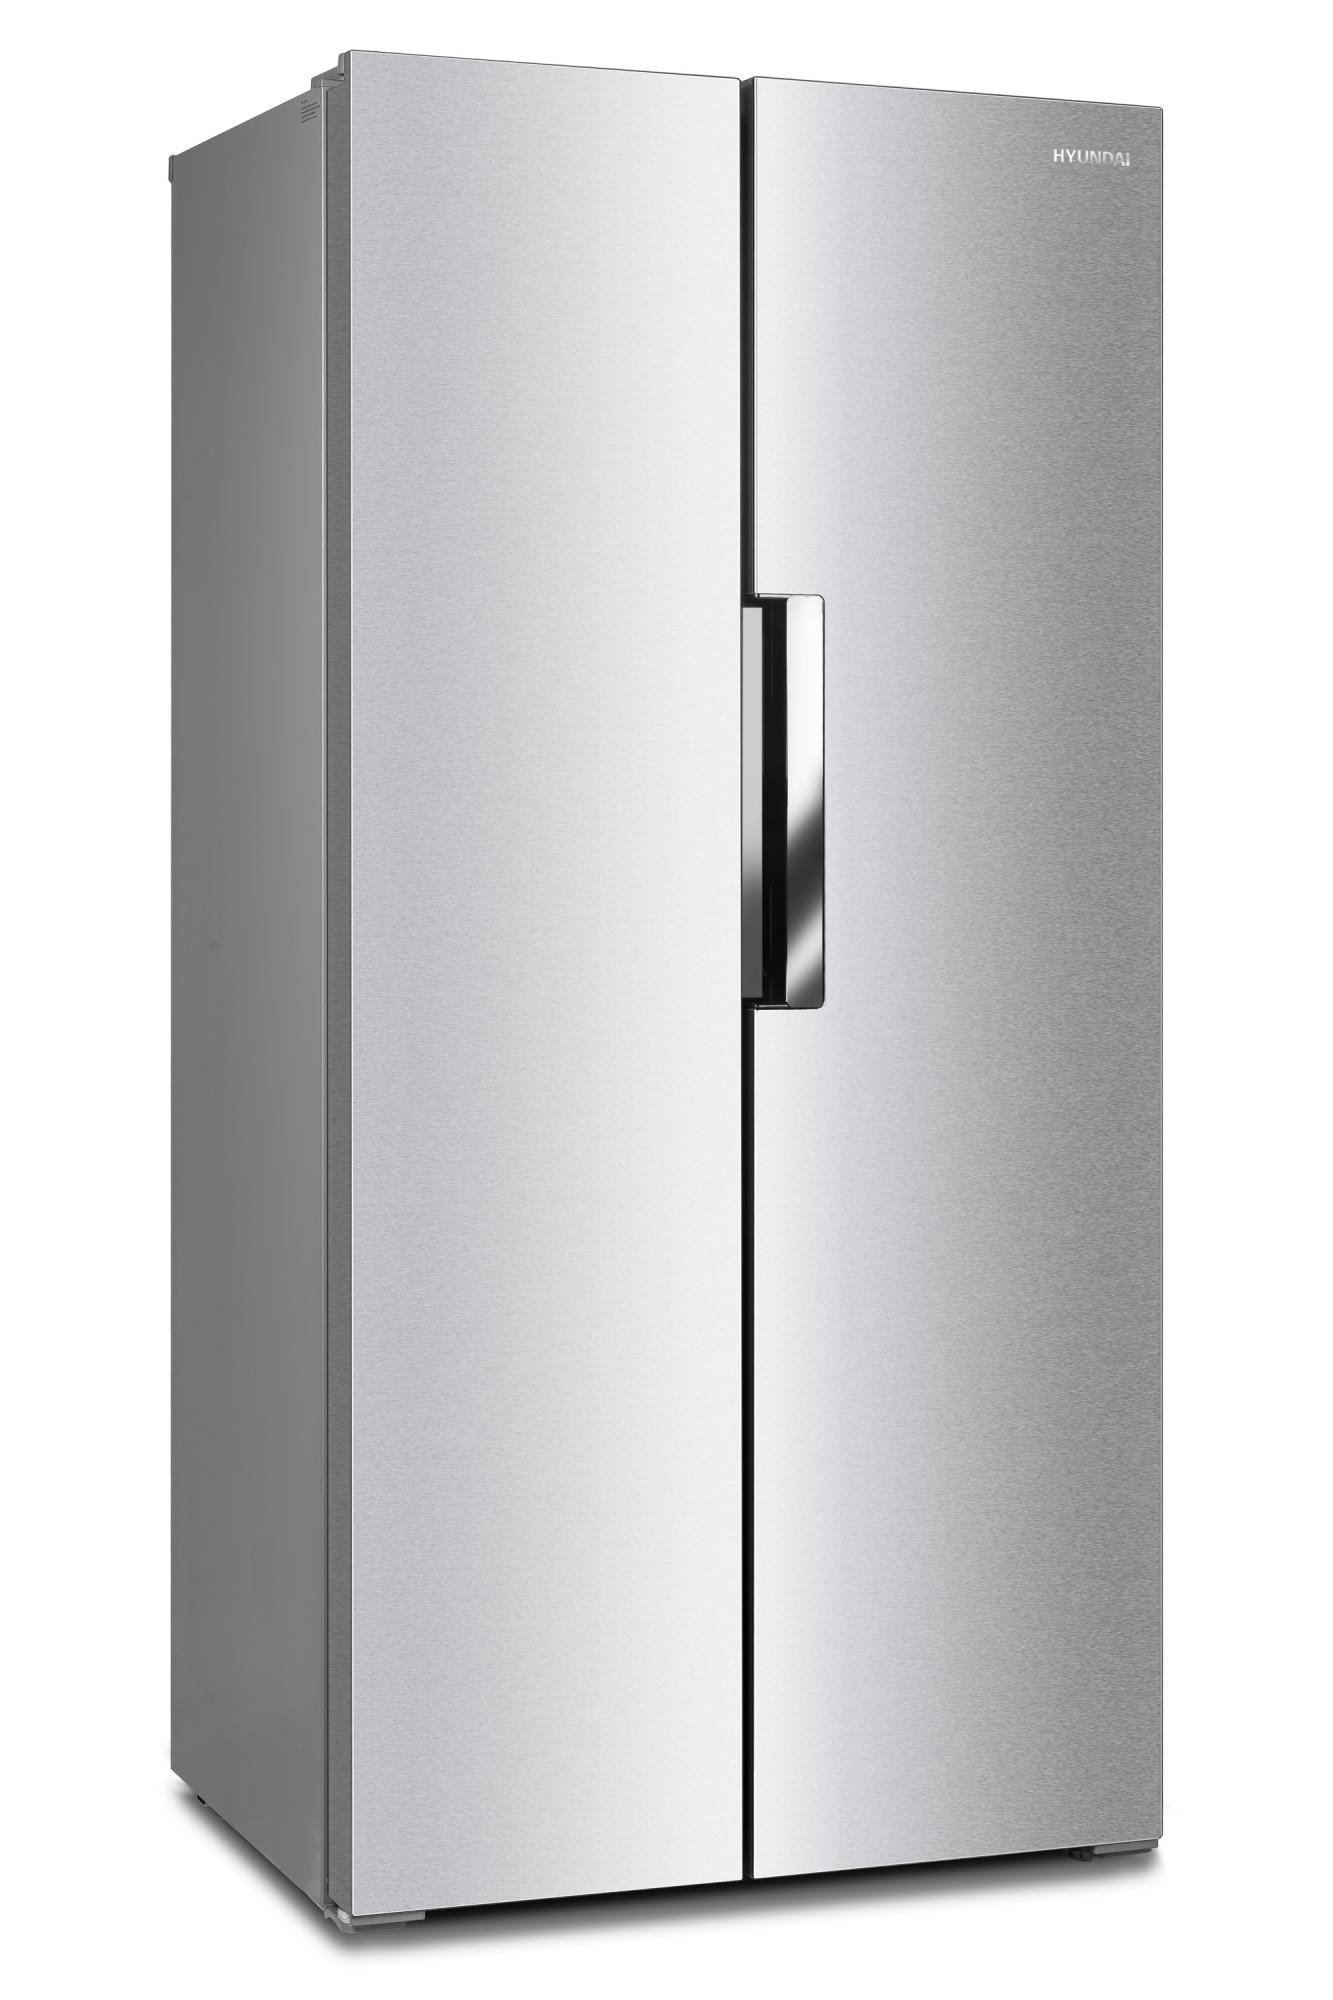 Холодильник Hyundai CS4502F нержавеющая сталь (двухкамерный)